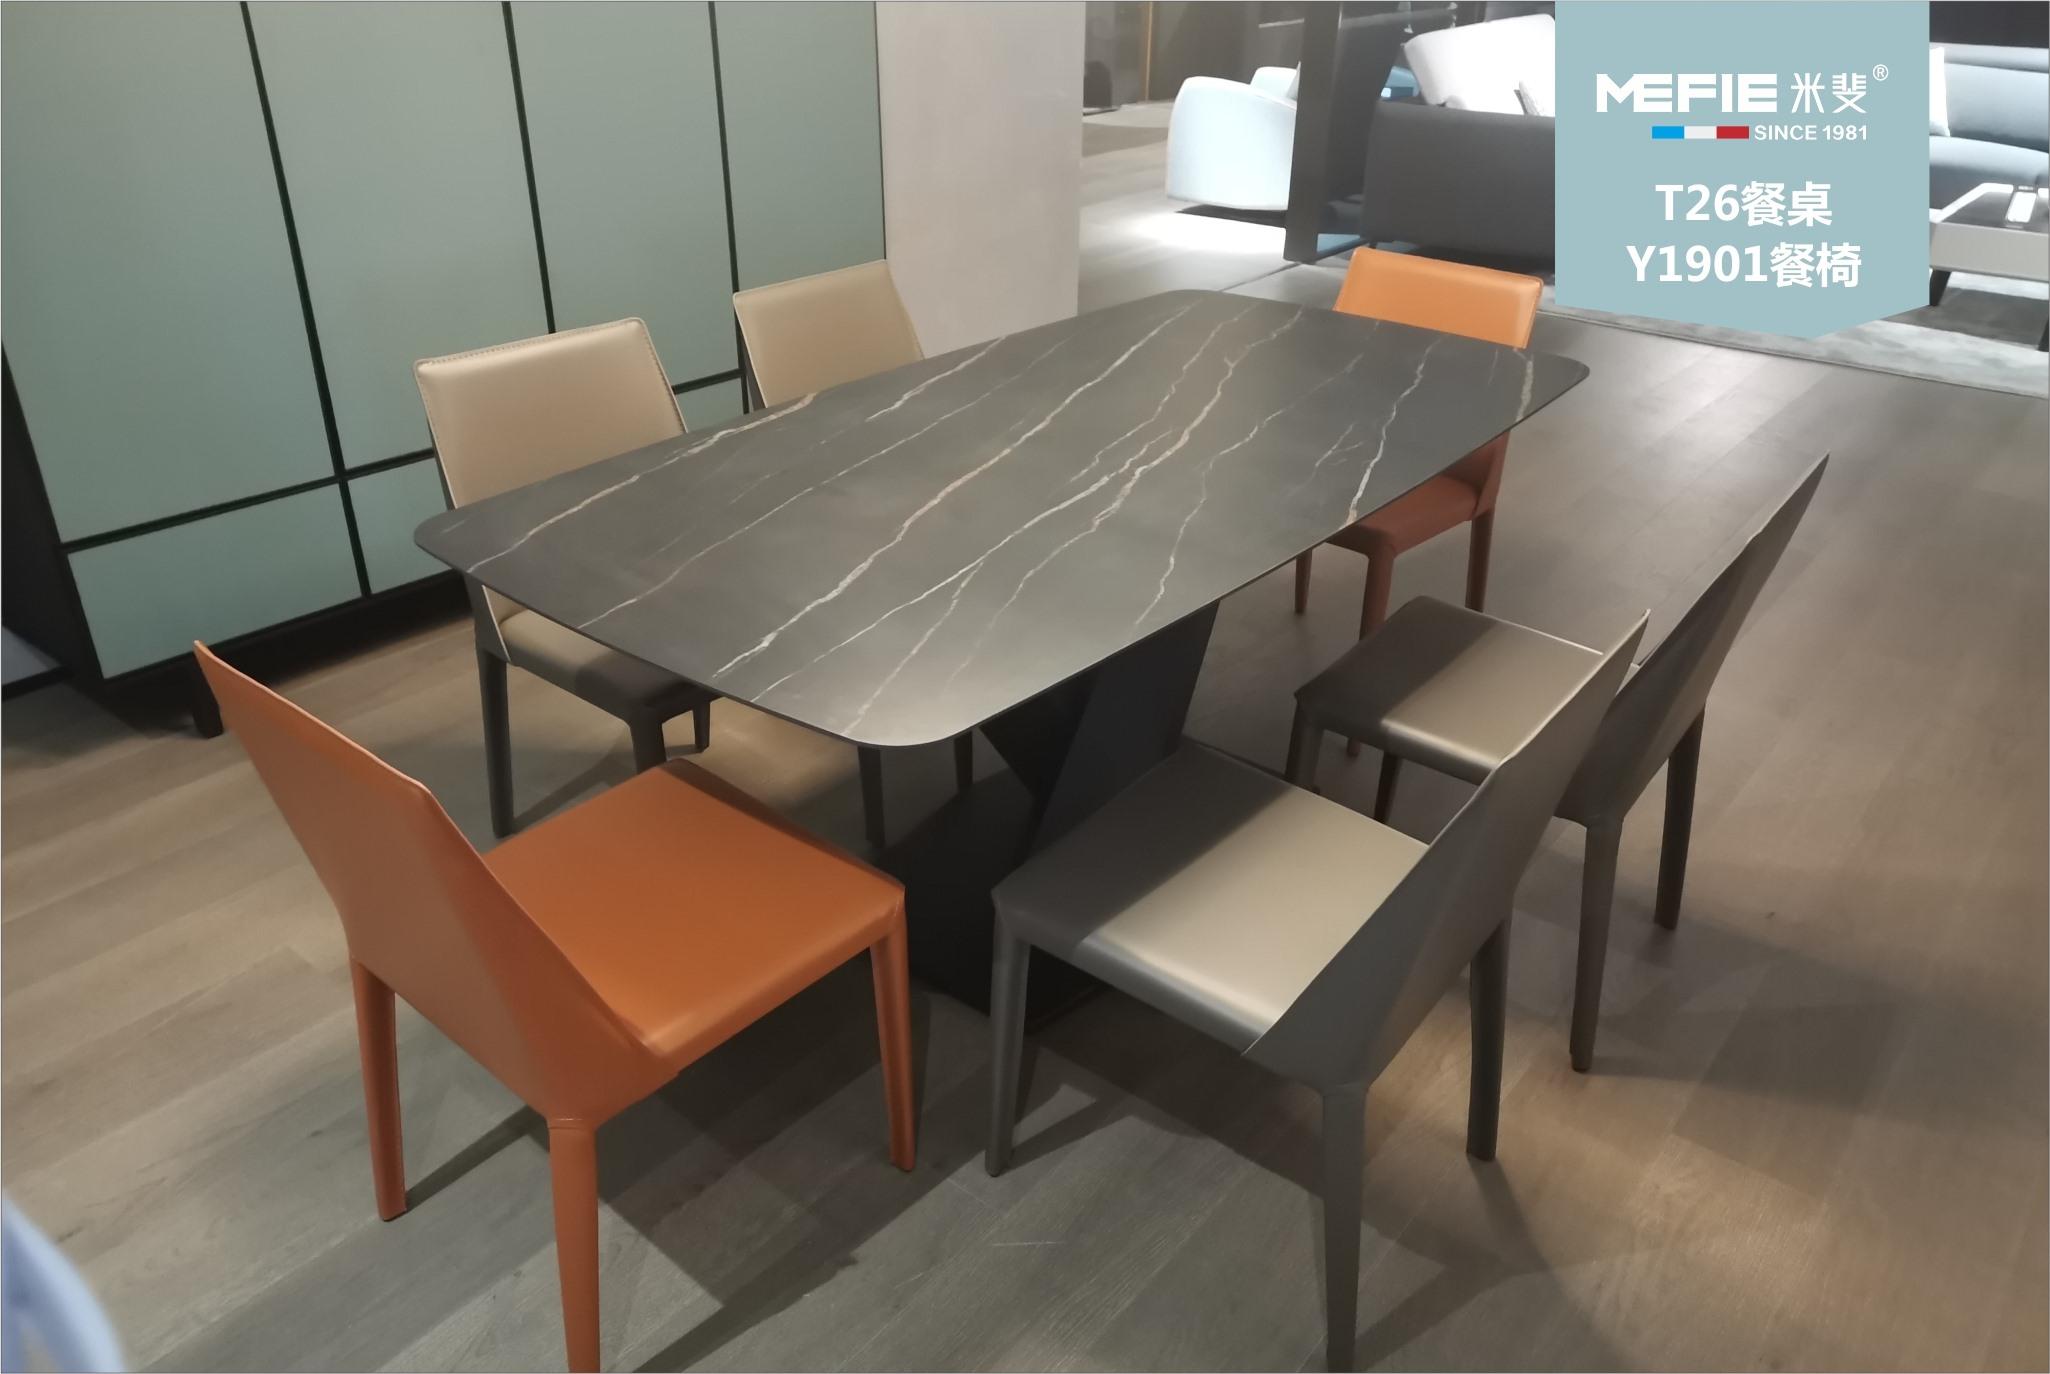 餐桌T26+餐椅Y1901